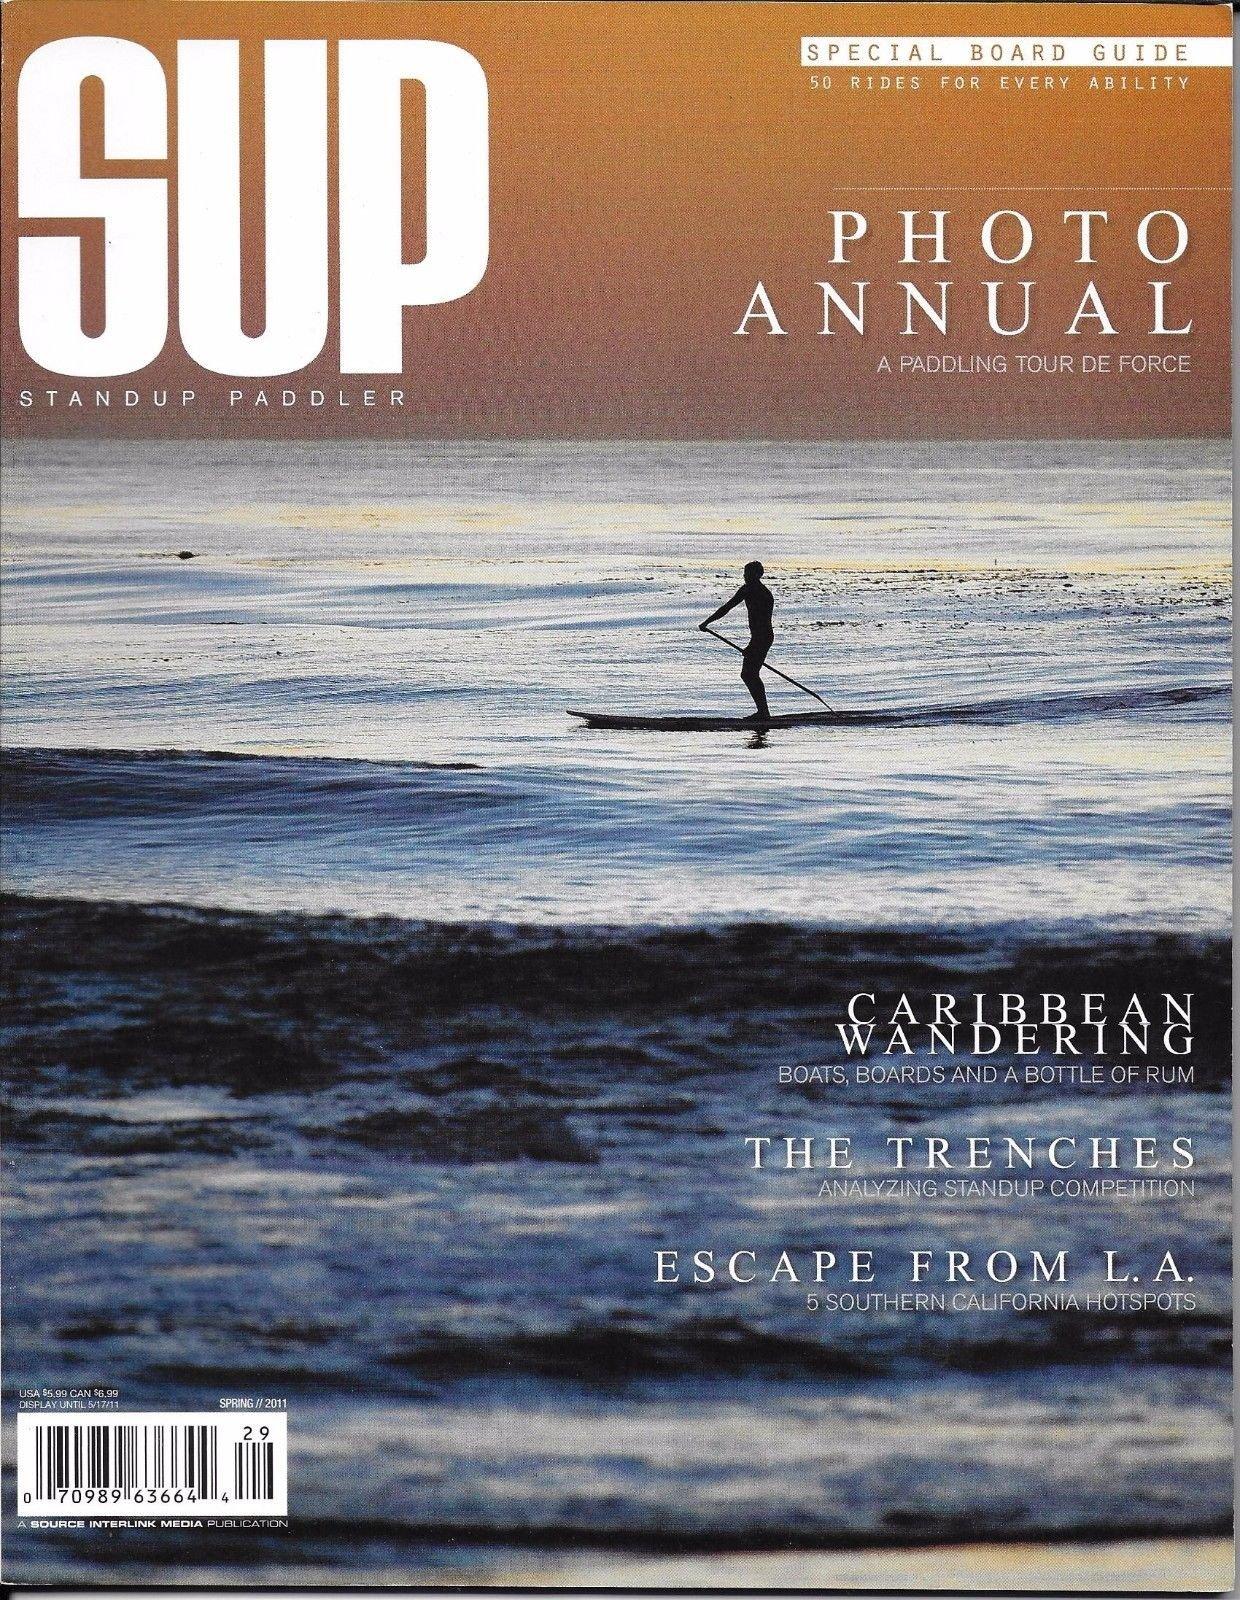 Standup Paddler magazine Spring 2011 PDF